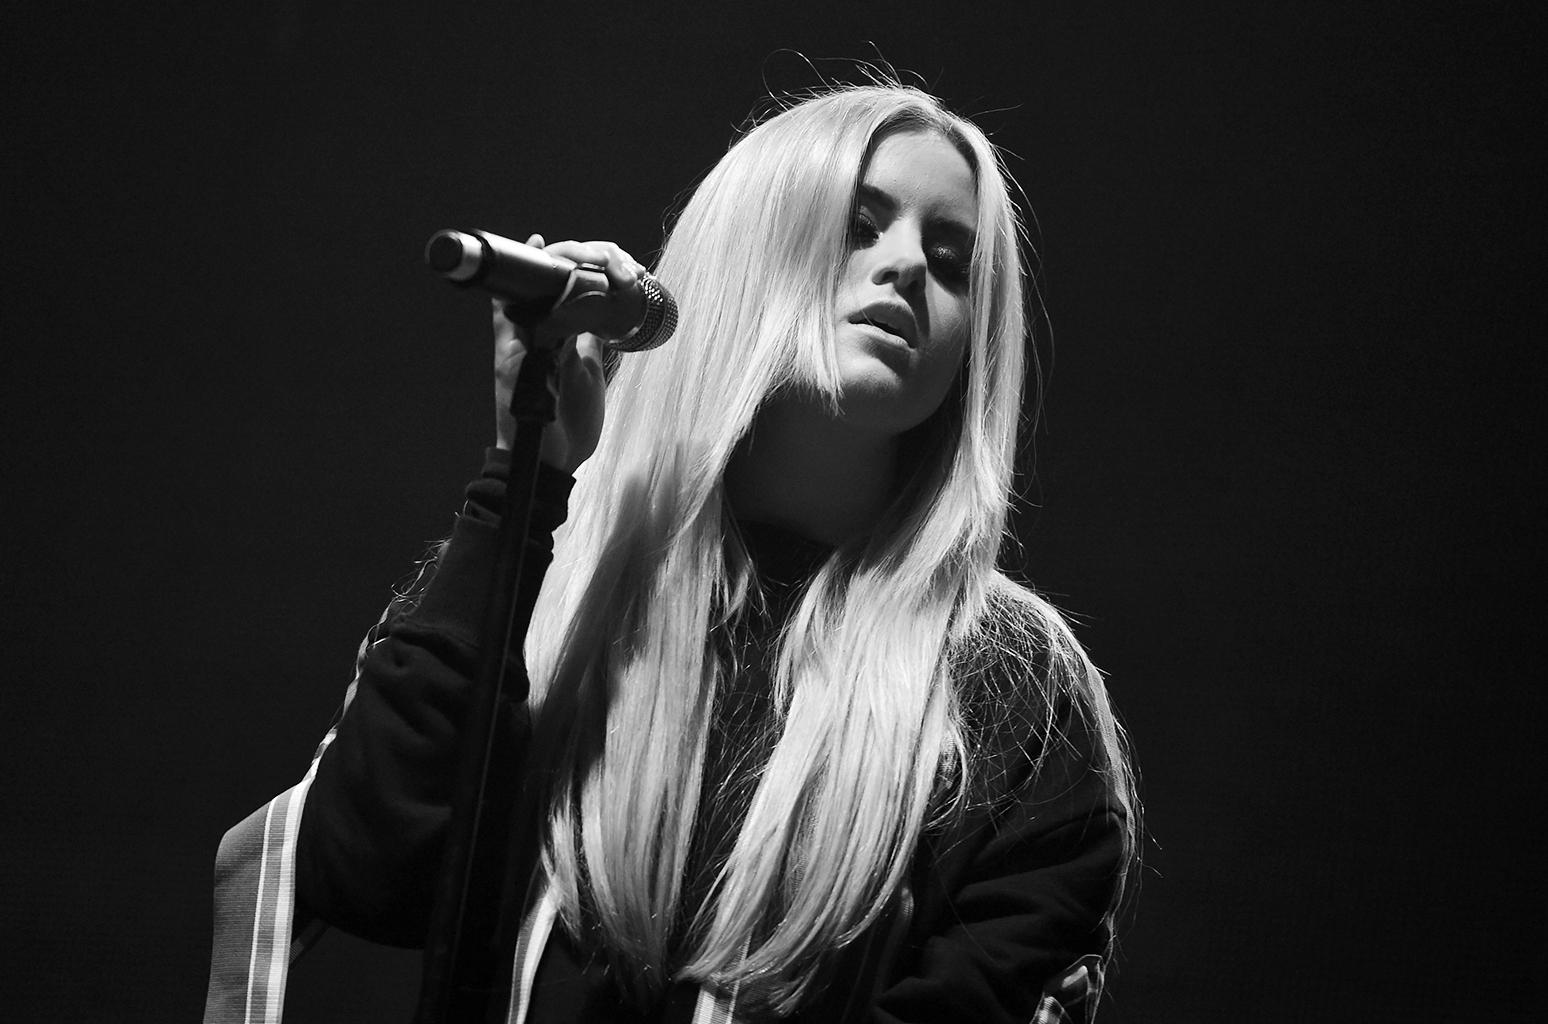 Kiiara<br />Ez a gyönyörű hangú énekesnő a Heavy című dalban vendégszerepelt a Linkin Parkban. Érdekes váltás volna, ha férfi énekes helyett ezután egy énekesnő vokálozna.